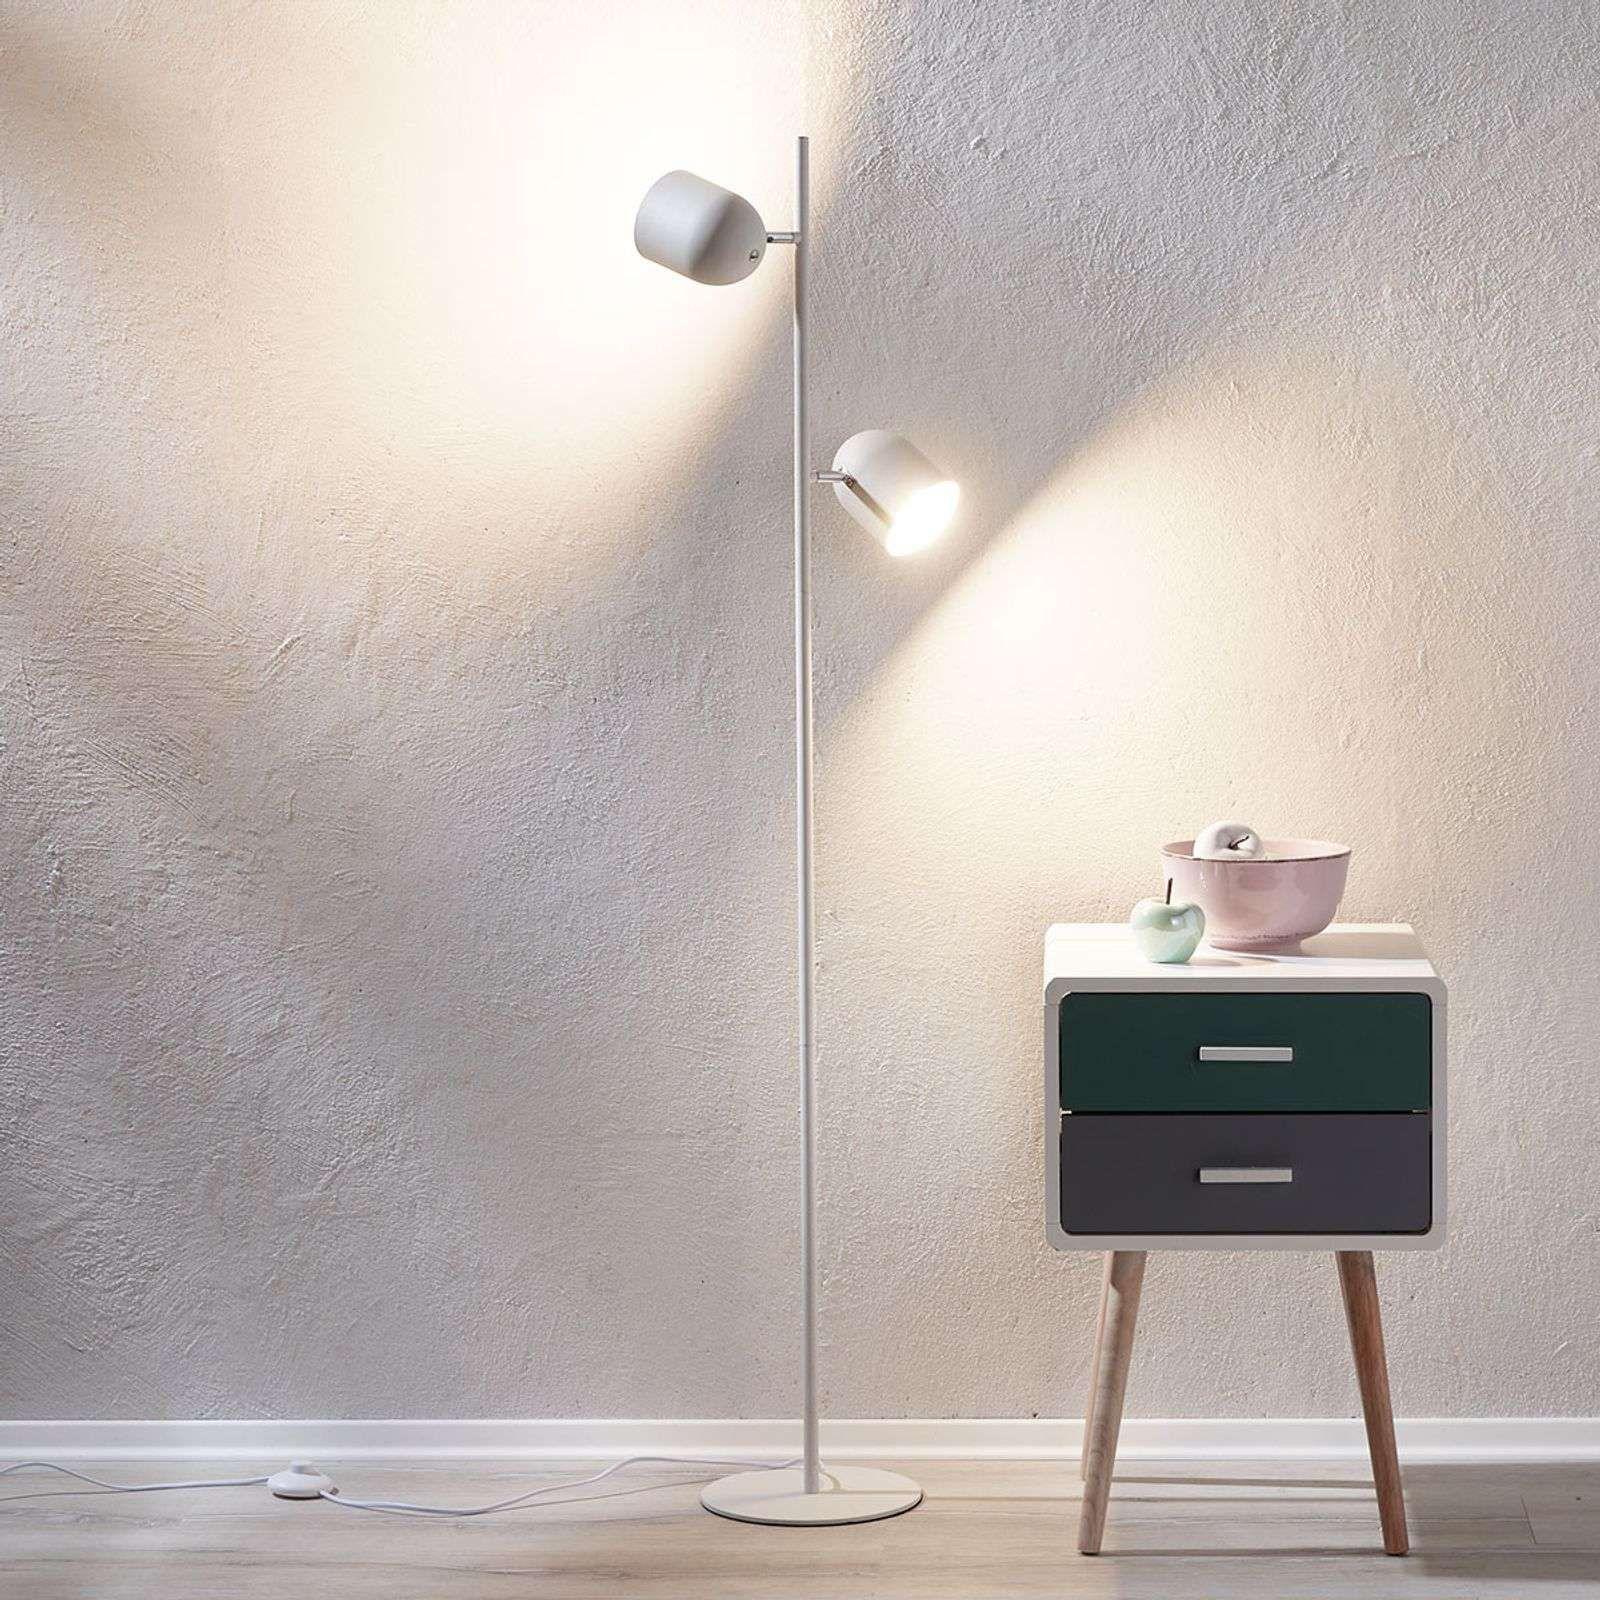 Moderne Stehlampe Von Lindby Weiss In 2020 Stehlampe Weiss Leuchtstoffrohre